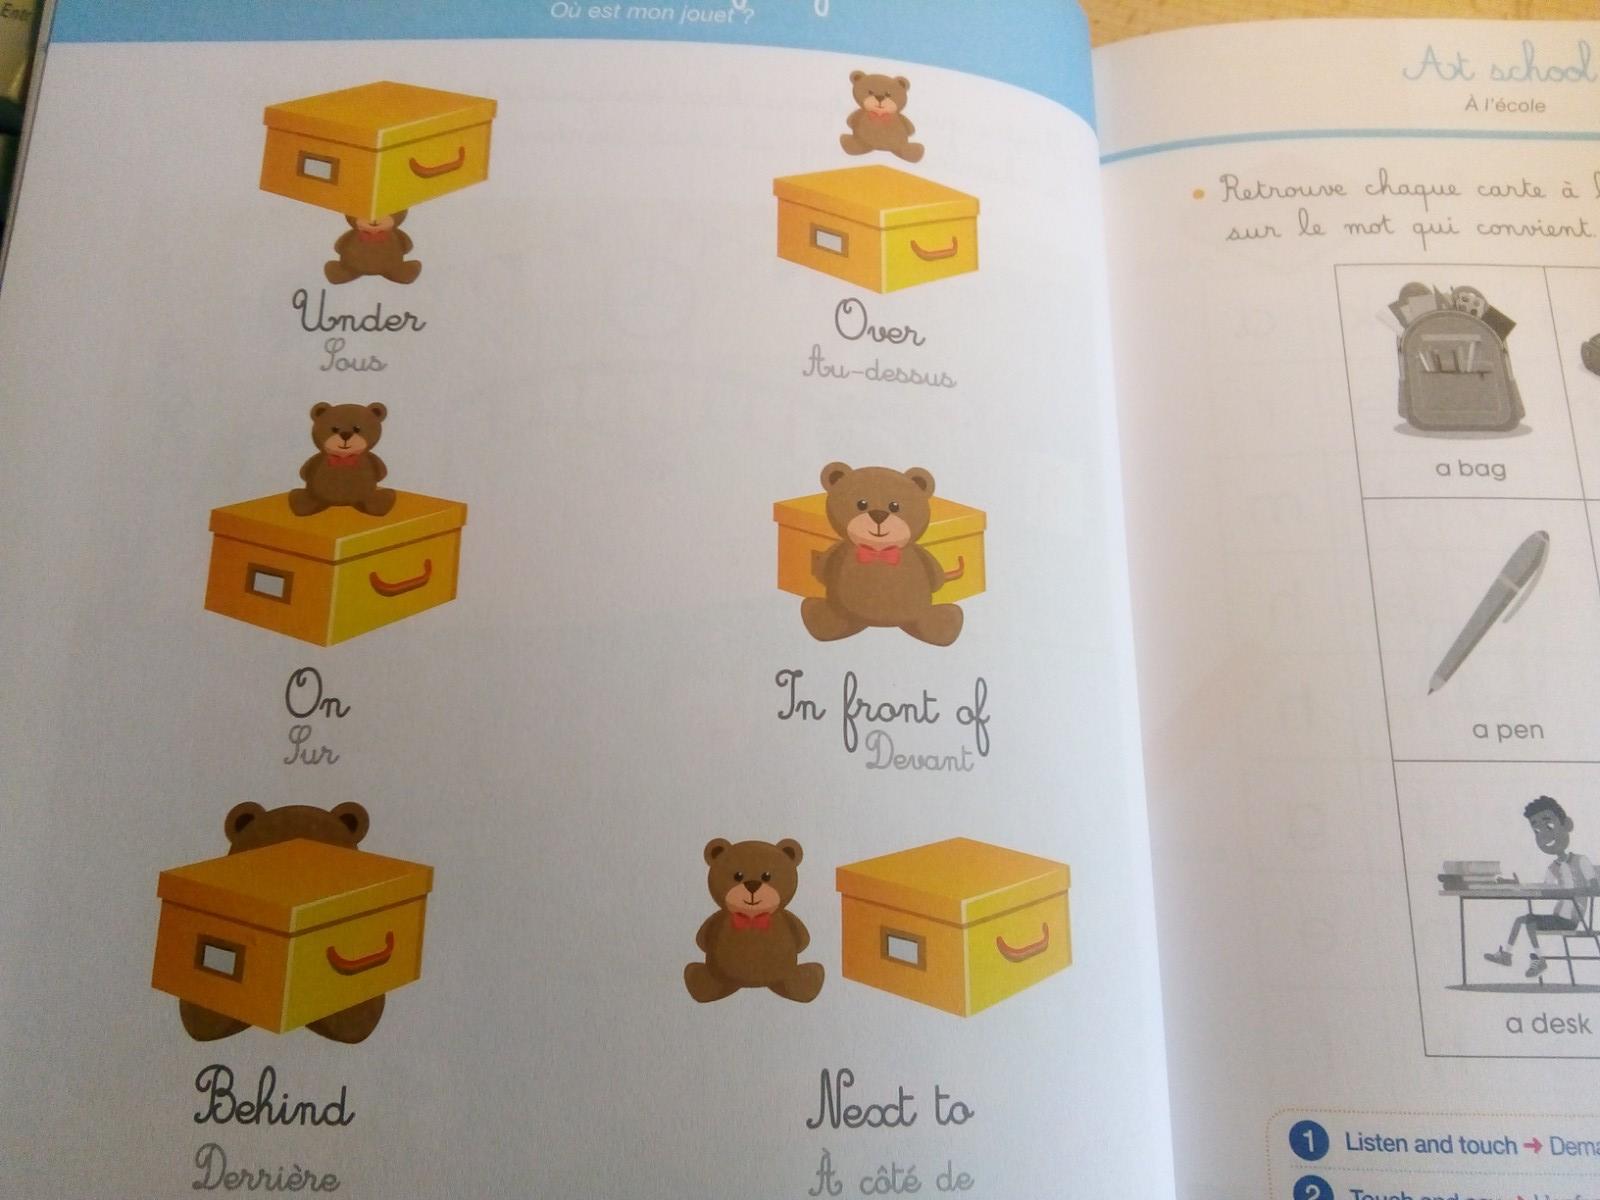 Un cahier d'activités inspirées par la pédagogie Montessori pour apprendre  l'anglais - Apprendre, réviser, mémoriser